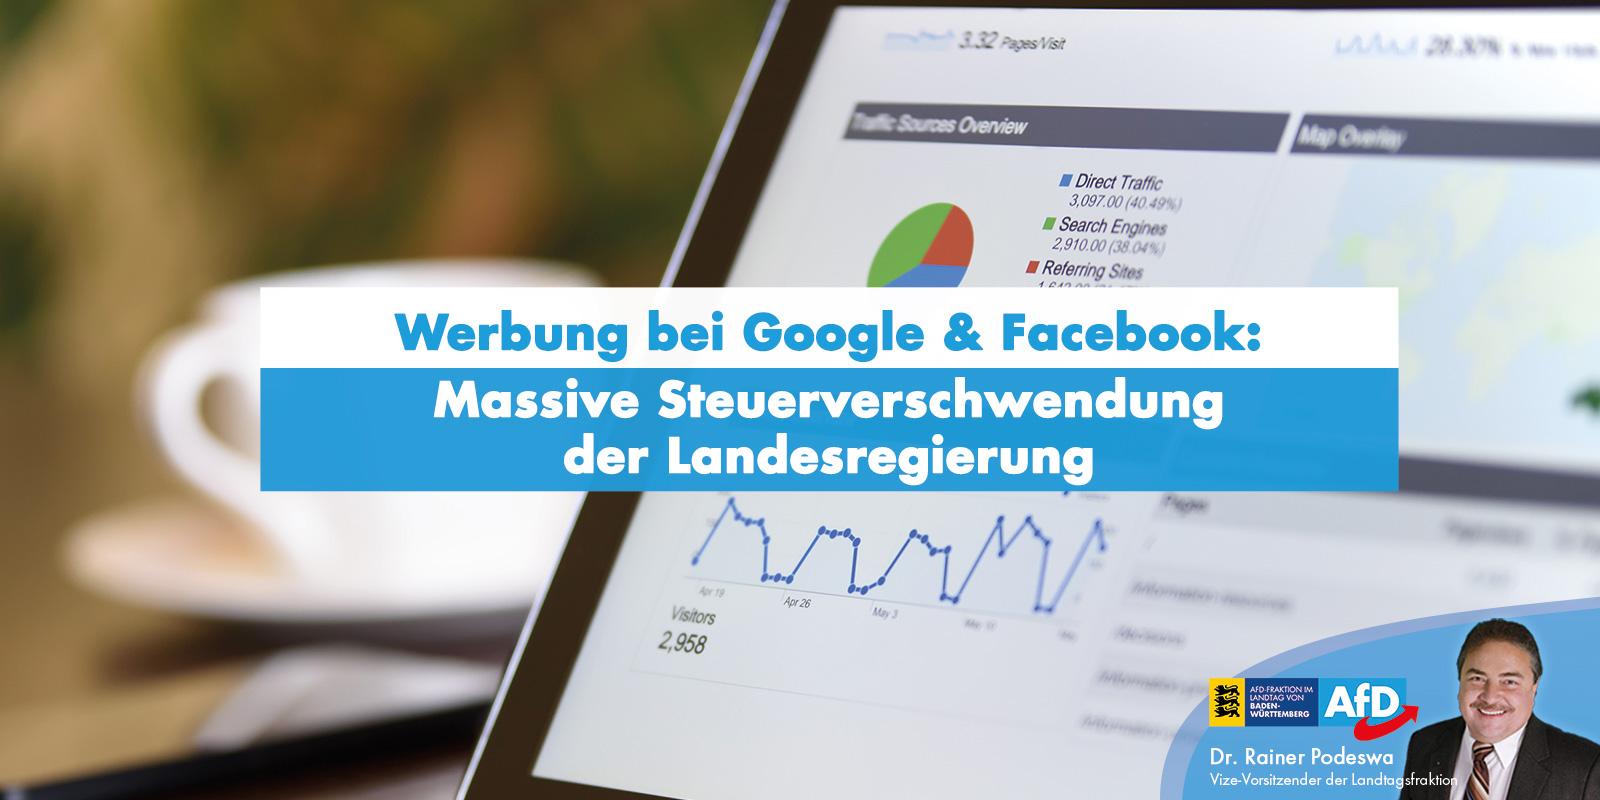 Dr. Rainer Podeswa: Internet-Werbung der Landesregierung ist Steuerverschwendung